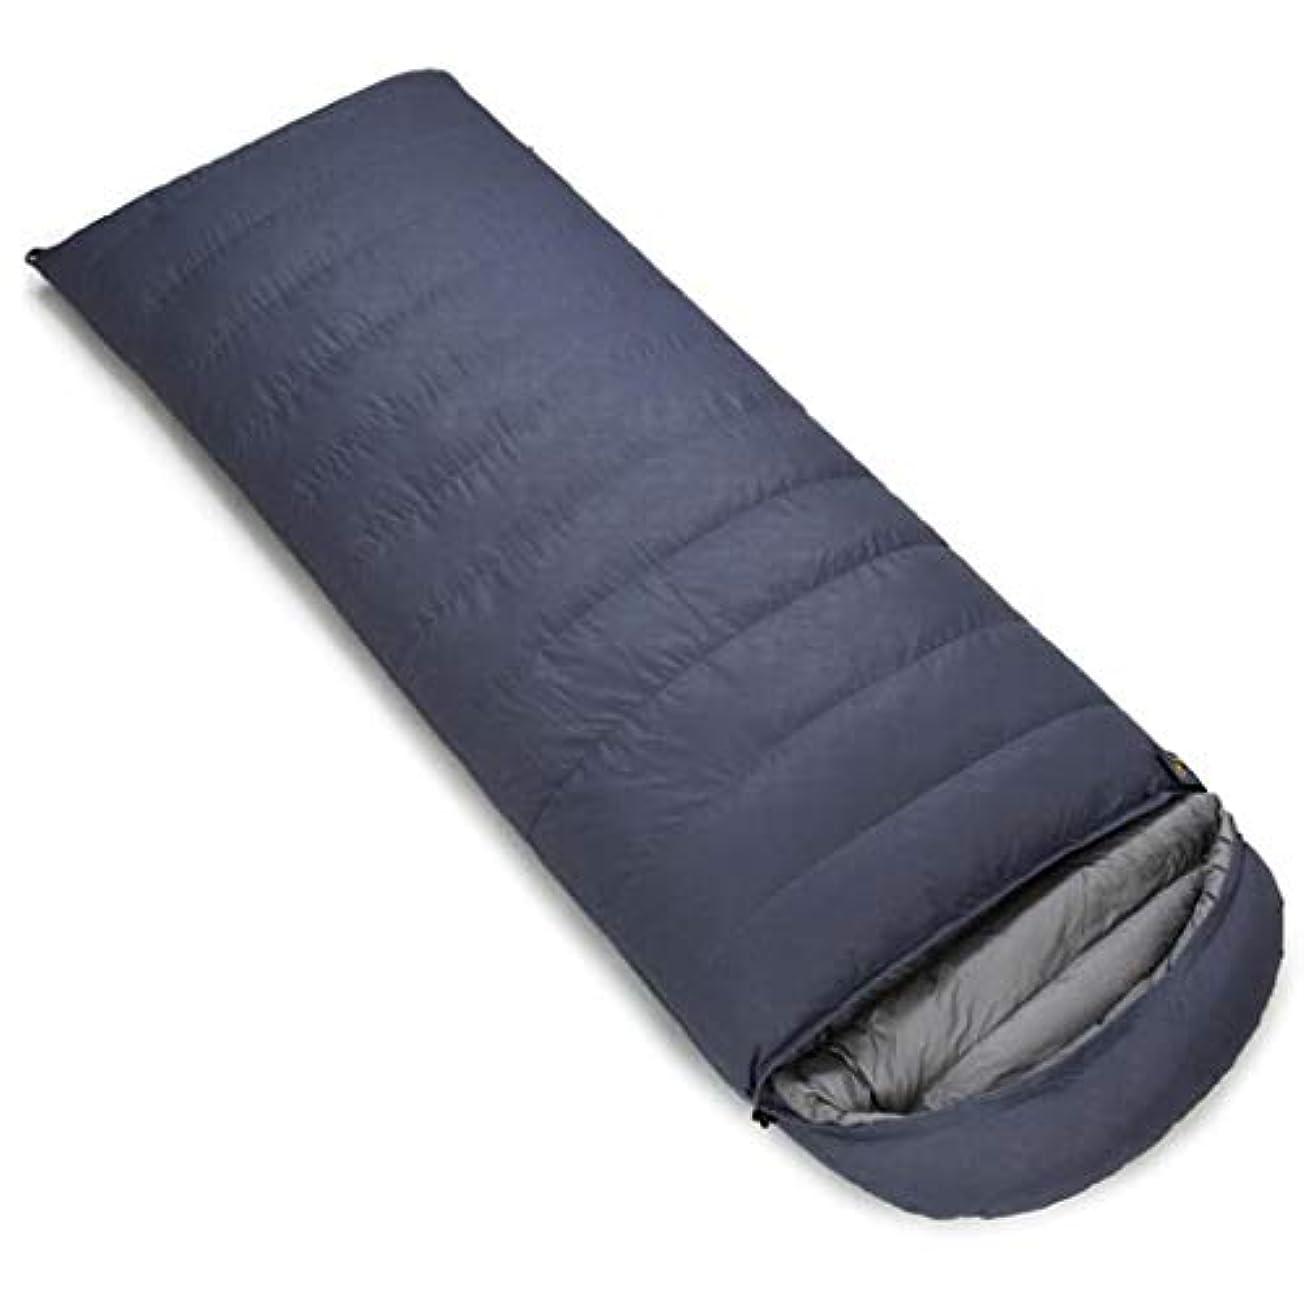 流す大きい唯物論屋外キャンプ用寝袋屋外縫製ダブル寝袋ポータブル圧縮寝袋 (Capacity : 3.0kg, Color : Gray)